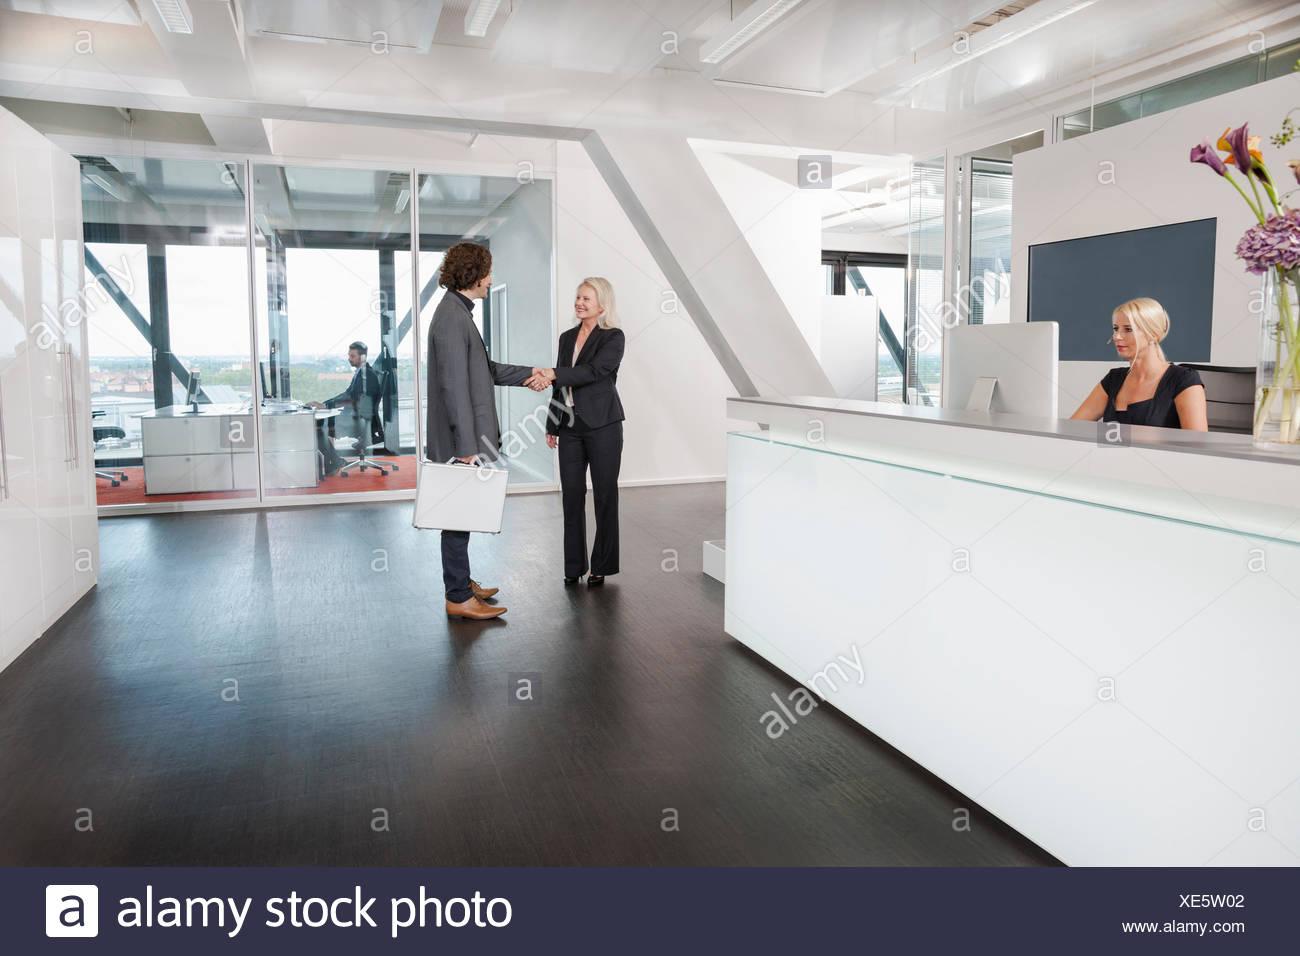 La donna si stringono la mano con il visitatore alla reception Immagini Stock